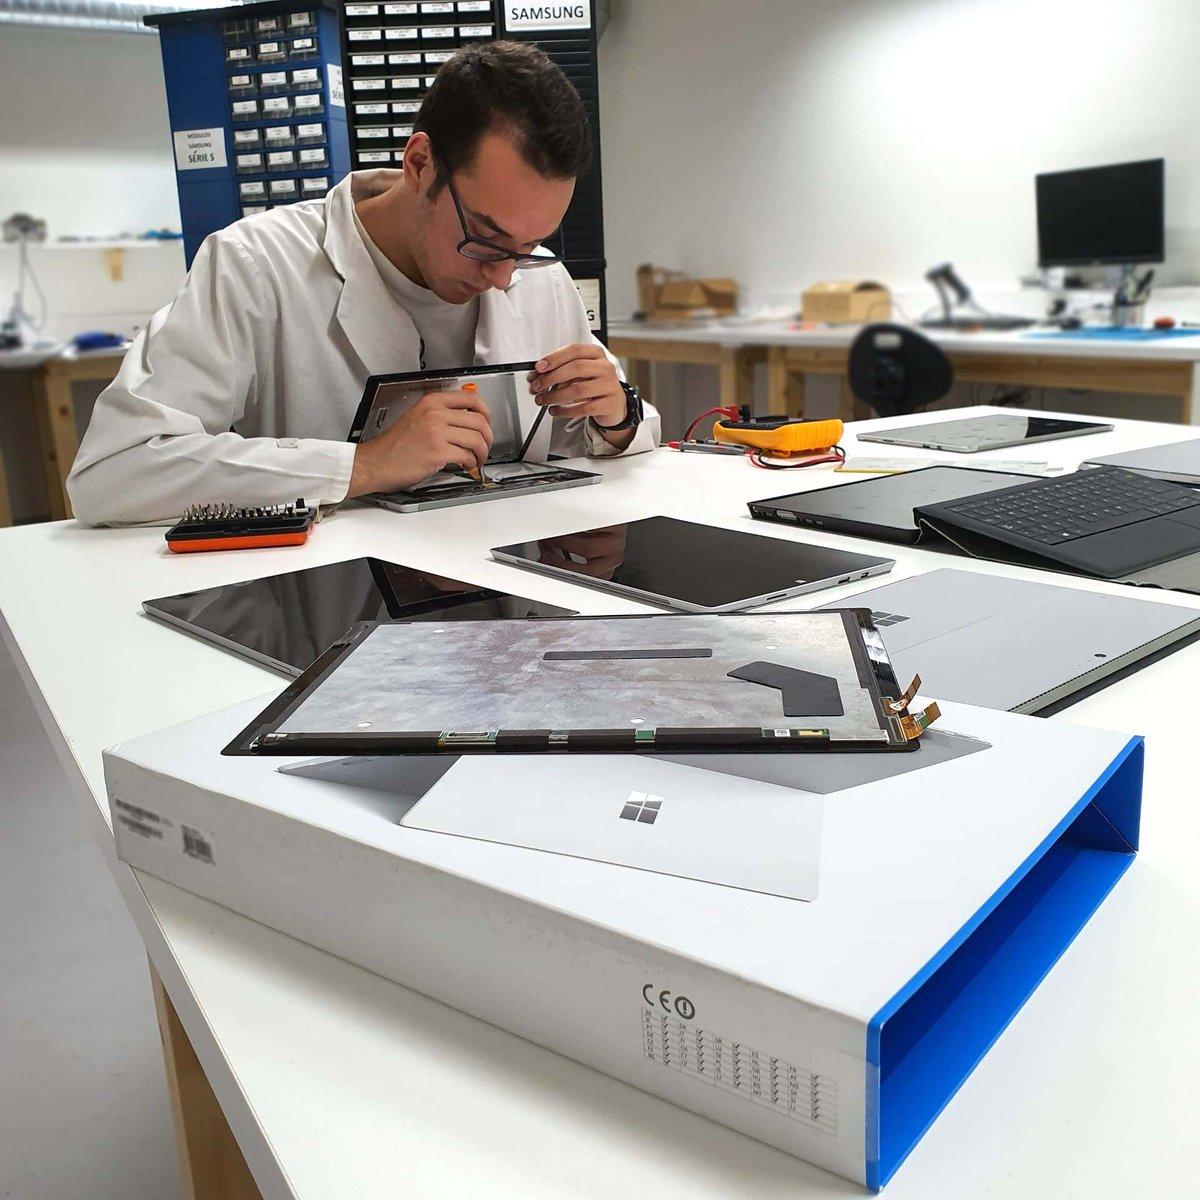 Possuímos Técnicos especializados na reparação de Microsoft Surface. Damos garantia sobre o serviço.  Consegue um orçamento grátis em http://www.ptelemoveis.pt | 244001251 | suporte@ptelemoveis.pt  #economiacircular #surface #microsoftrepair #orçamento #reparaçãopic.twitter.com/katCGpKKDD